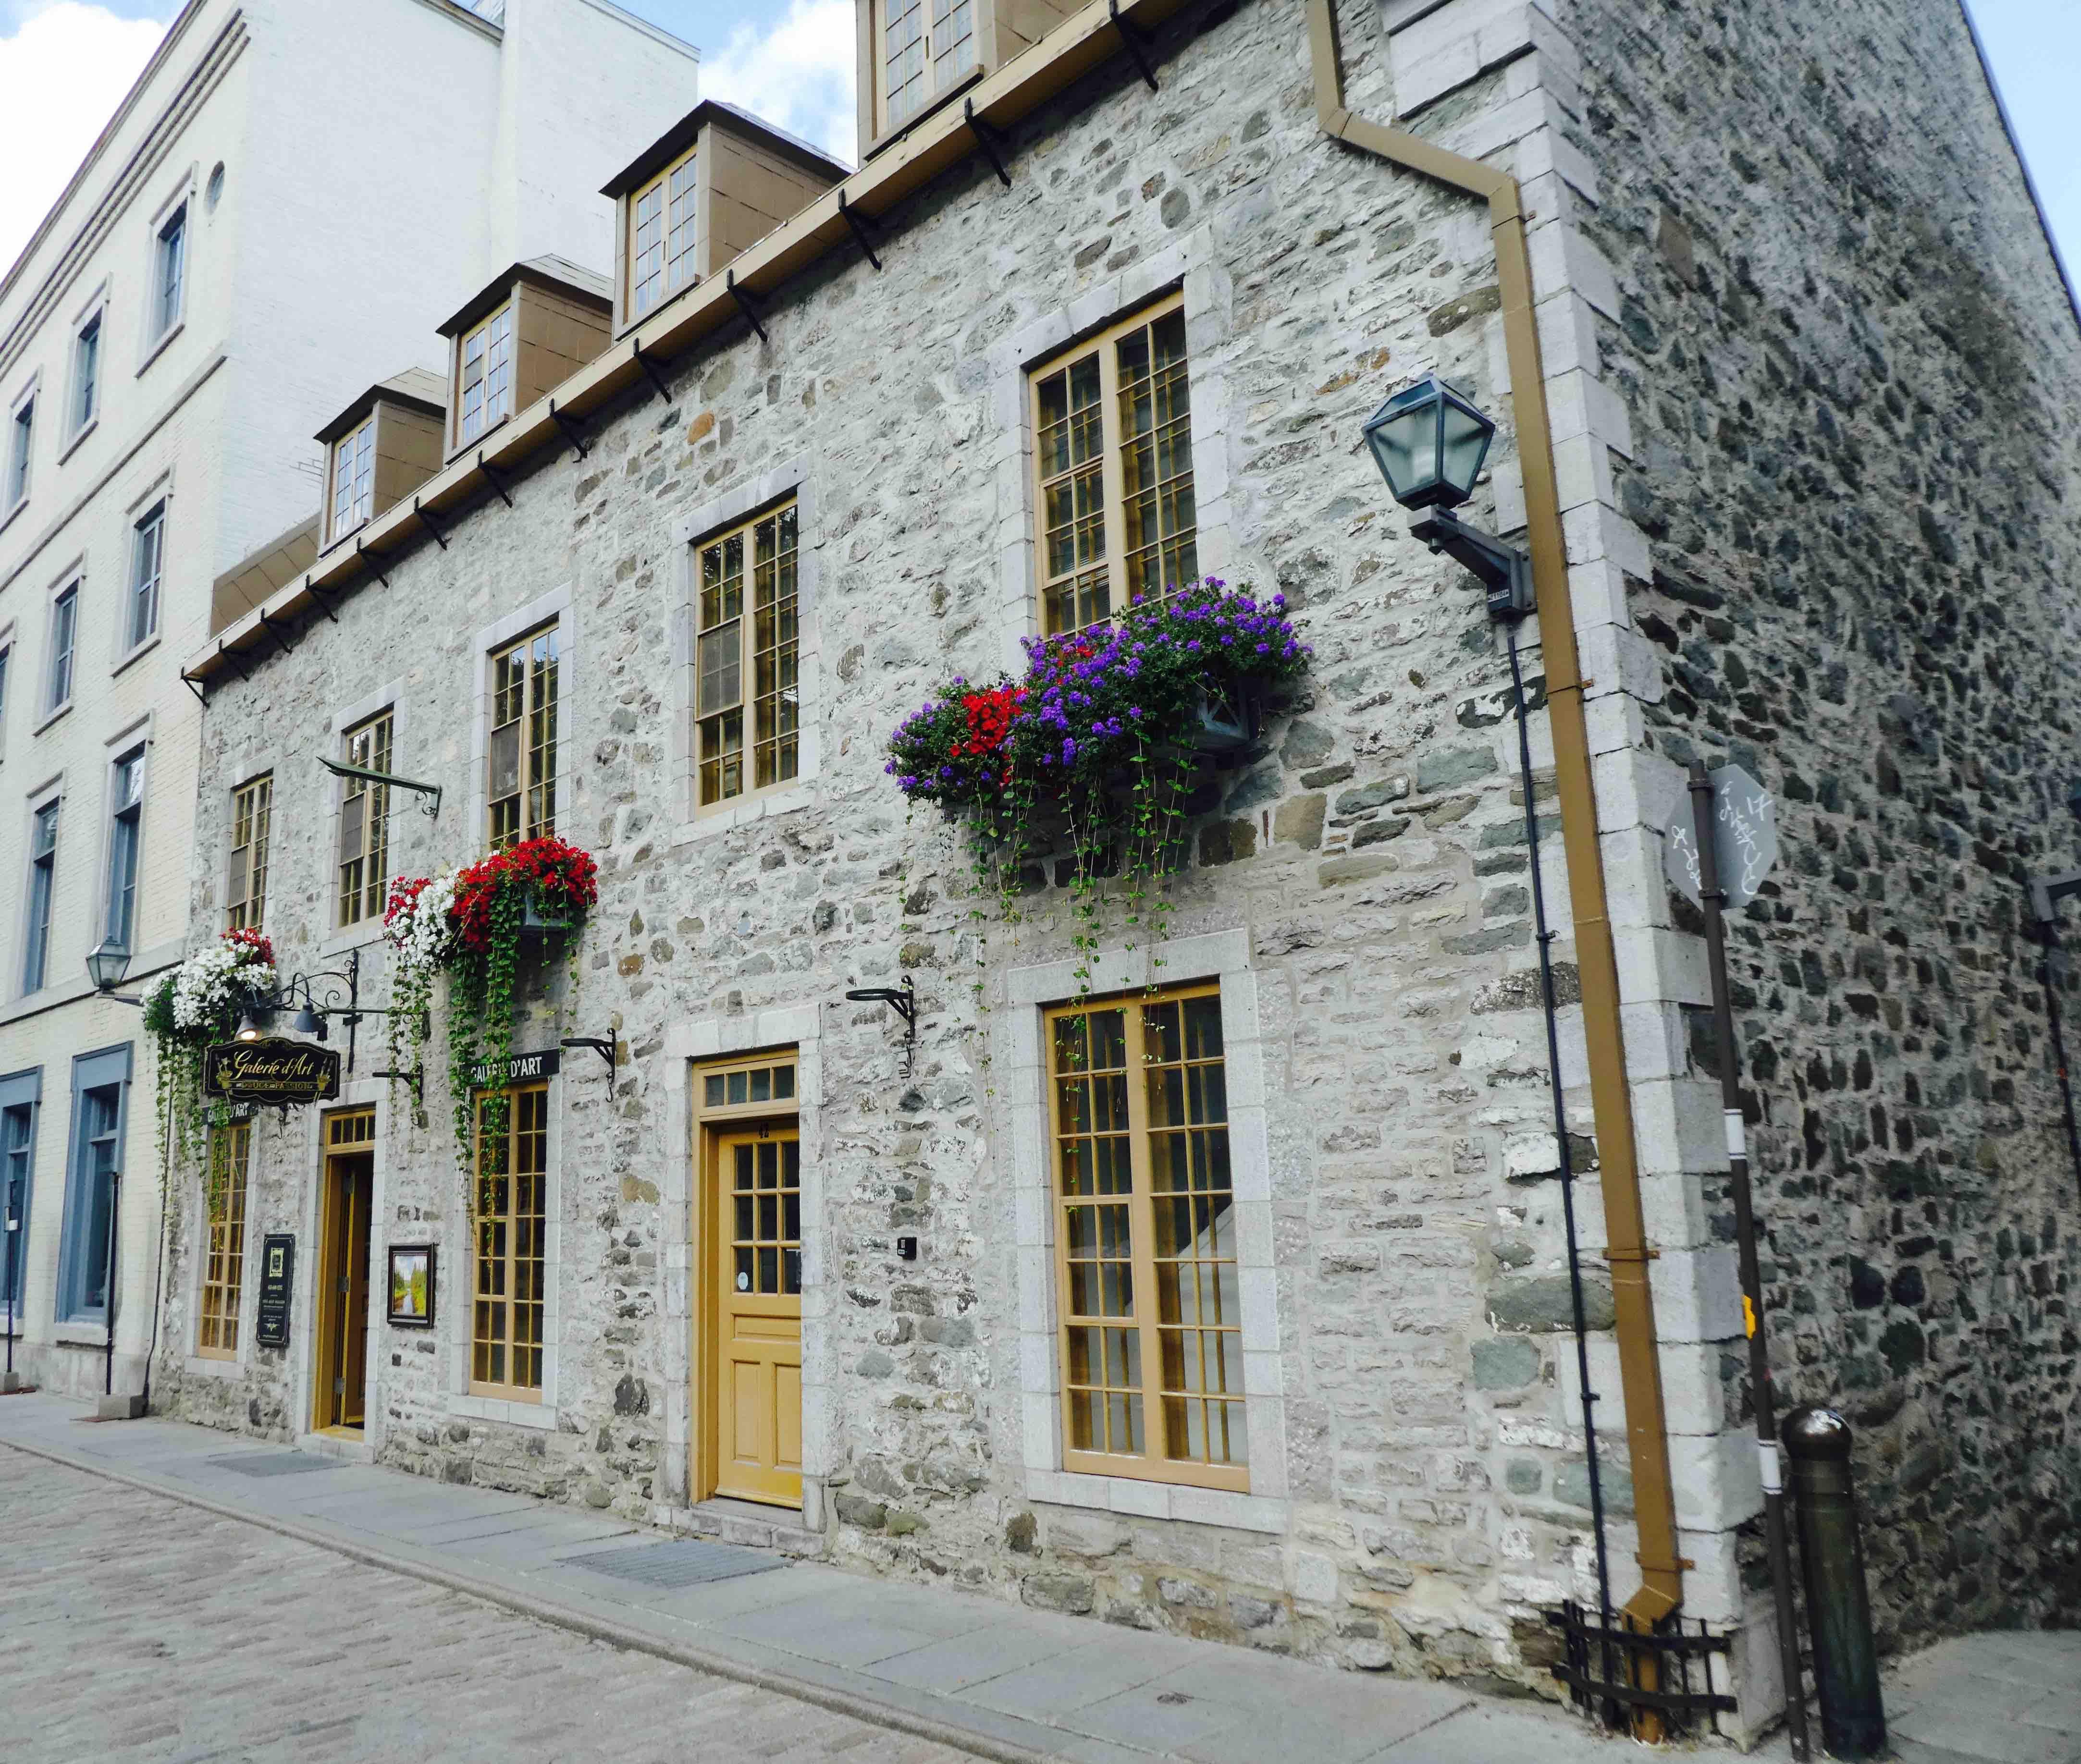 maison typique du vieux Québec